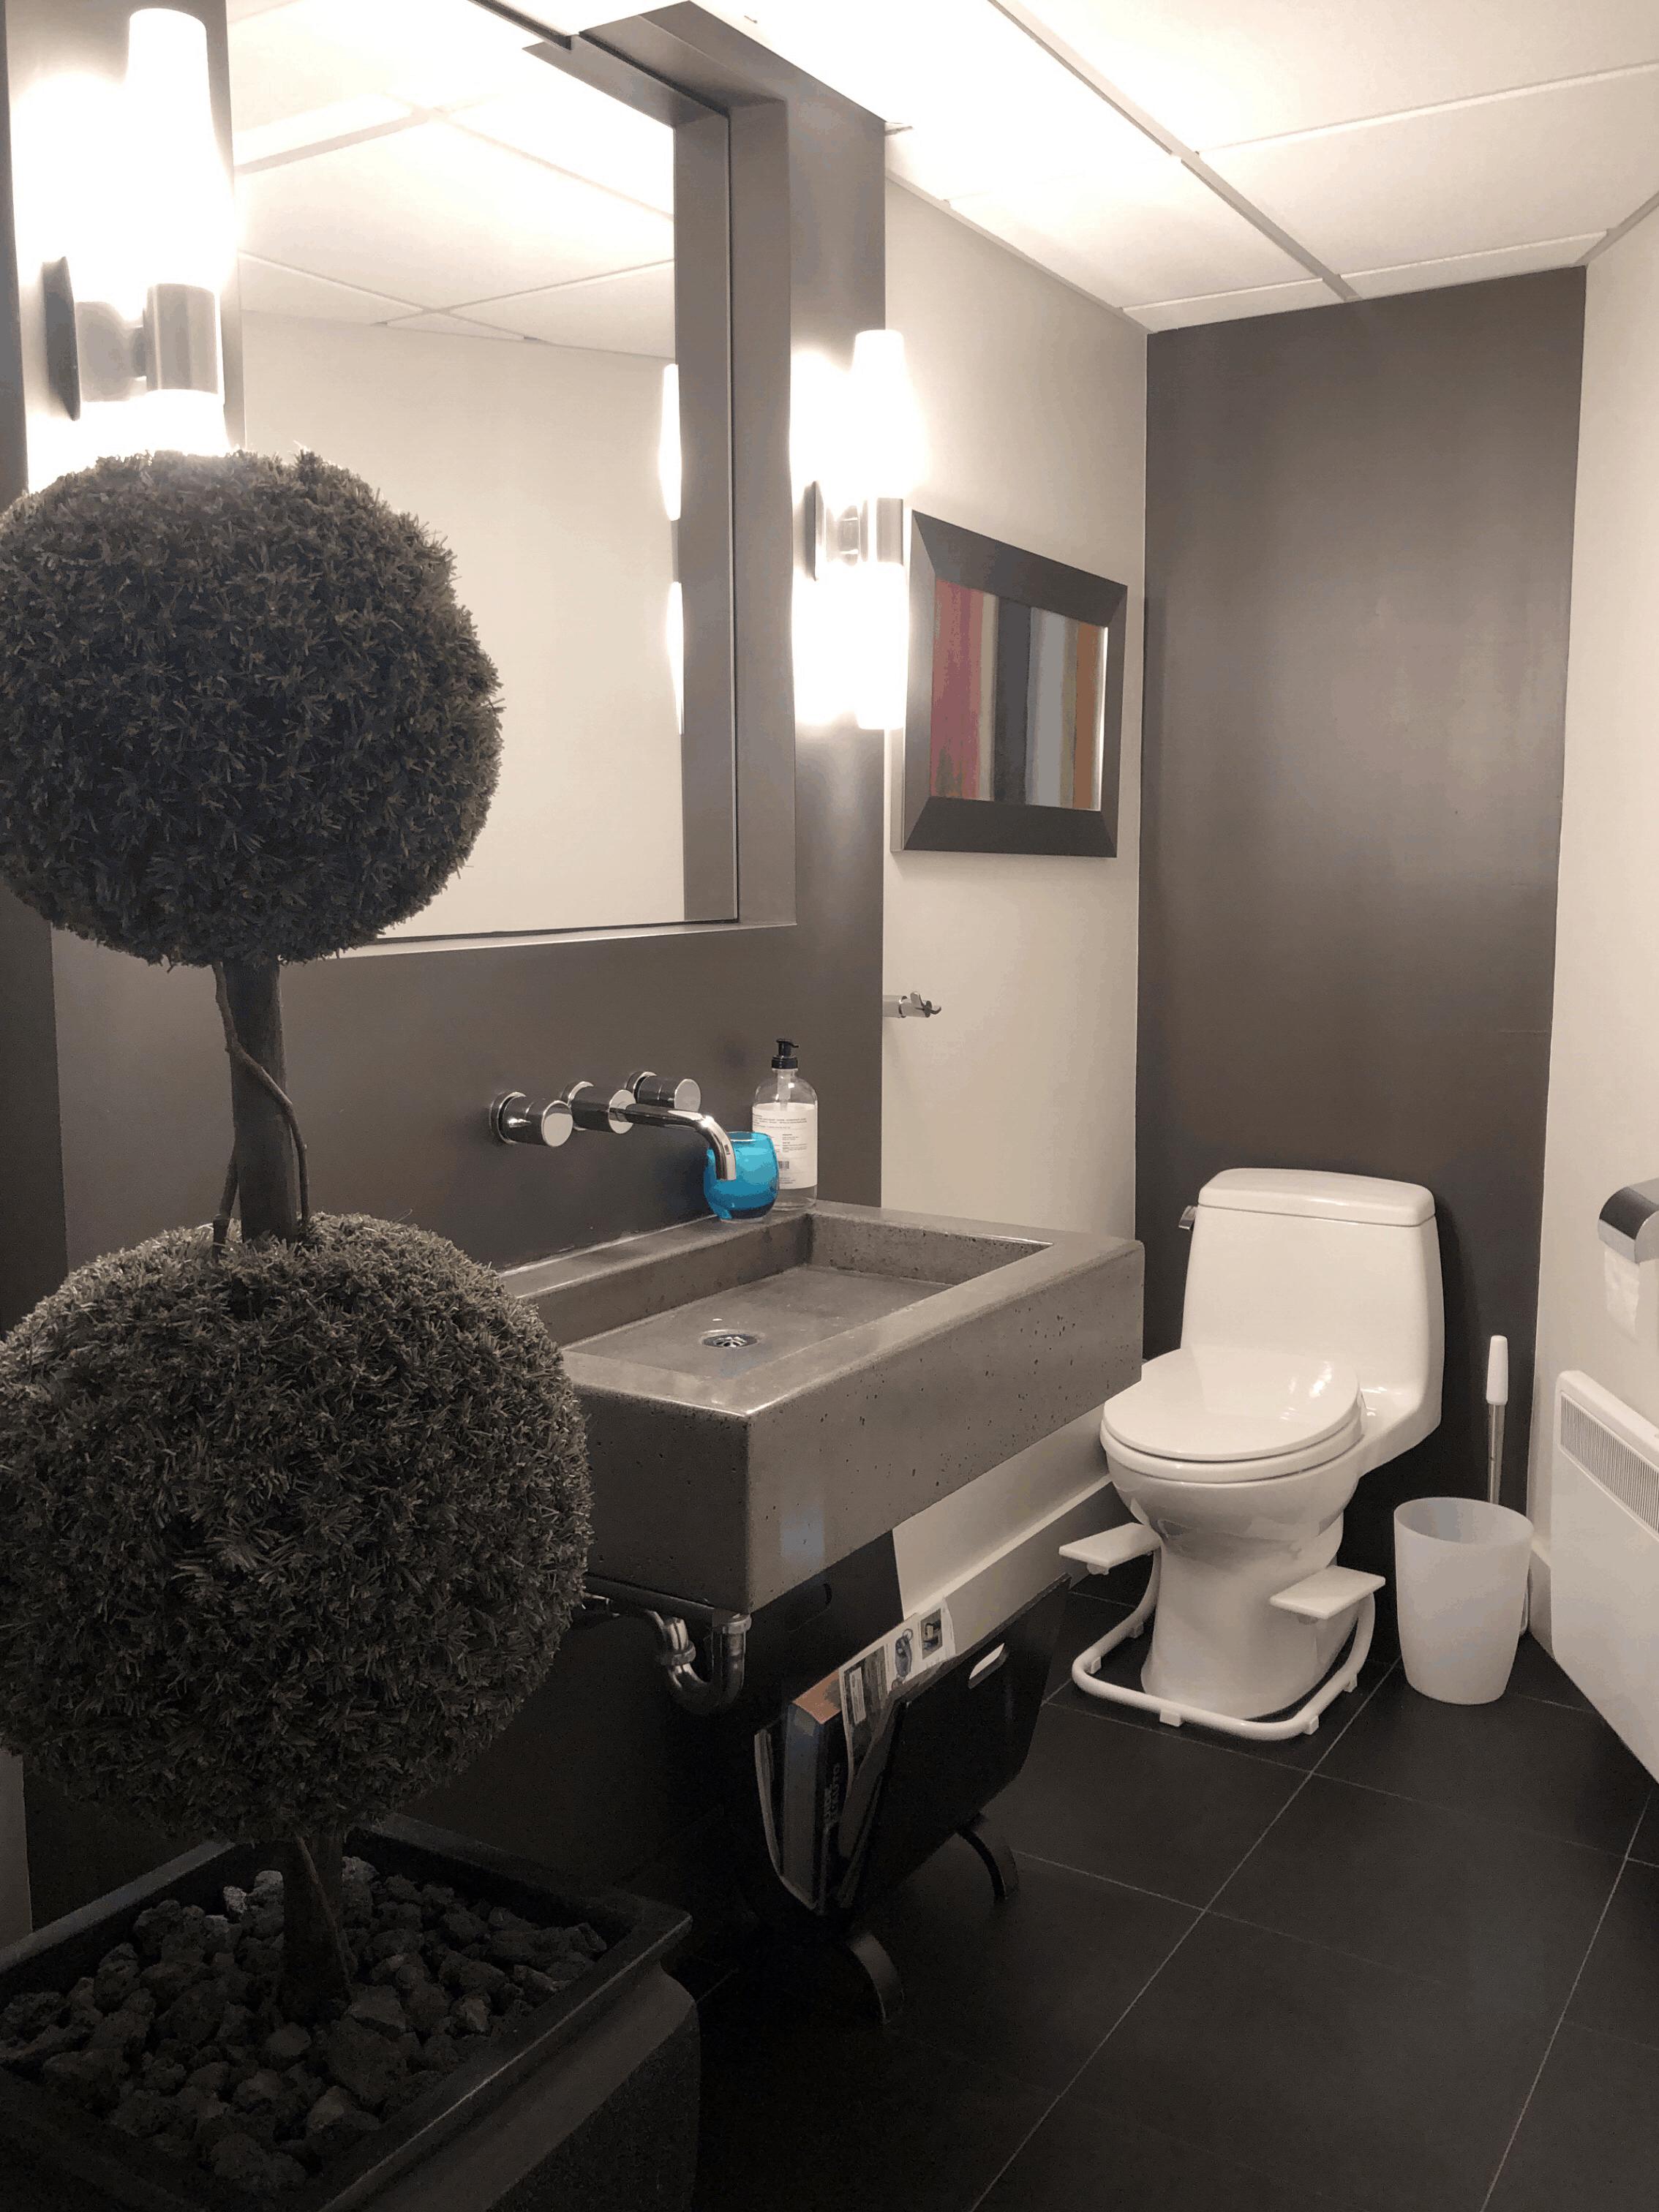 salle eau sans pixHDR